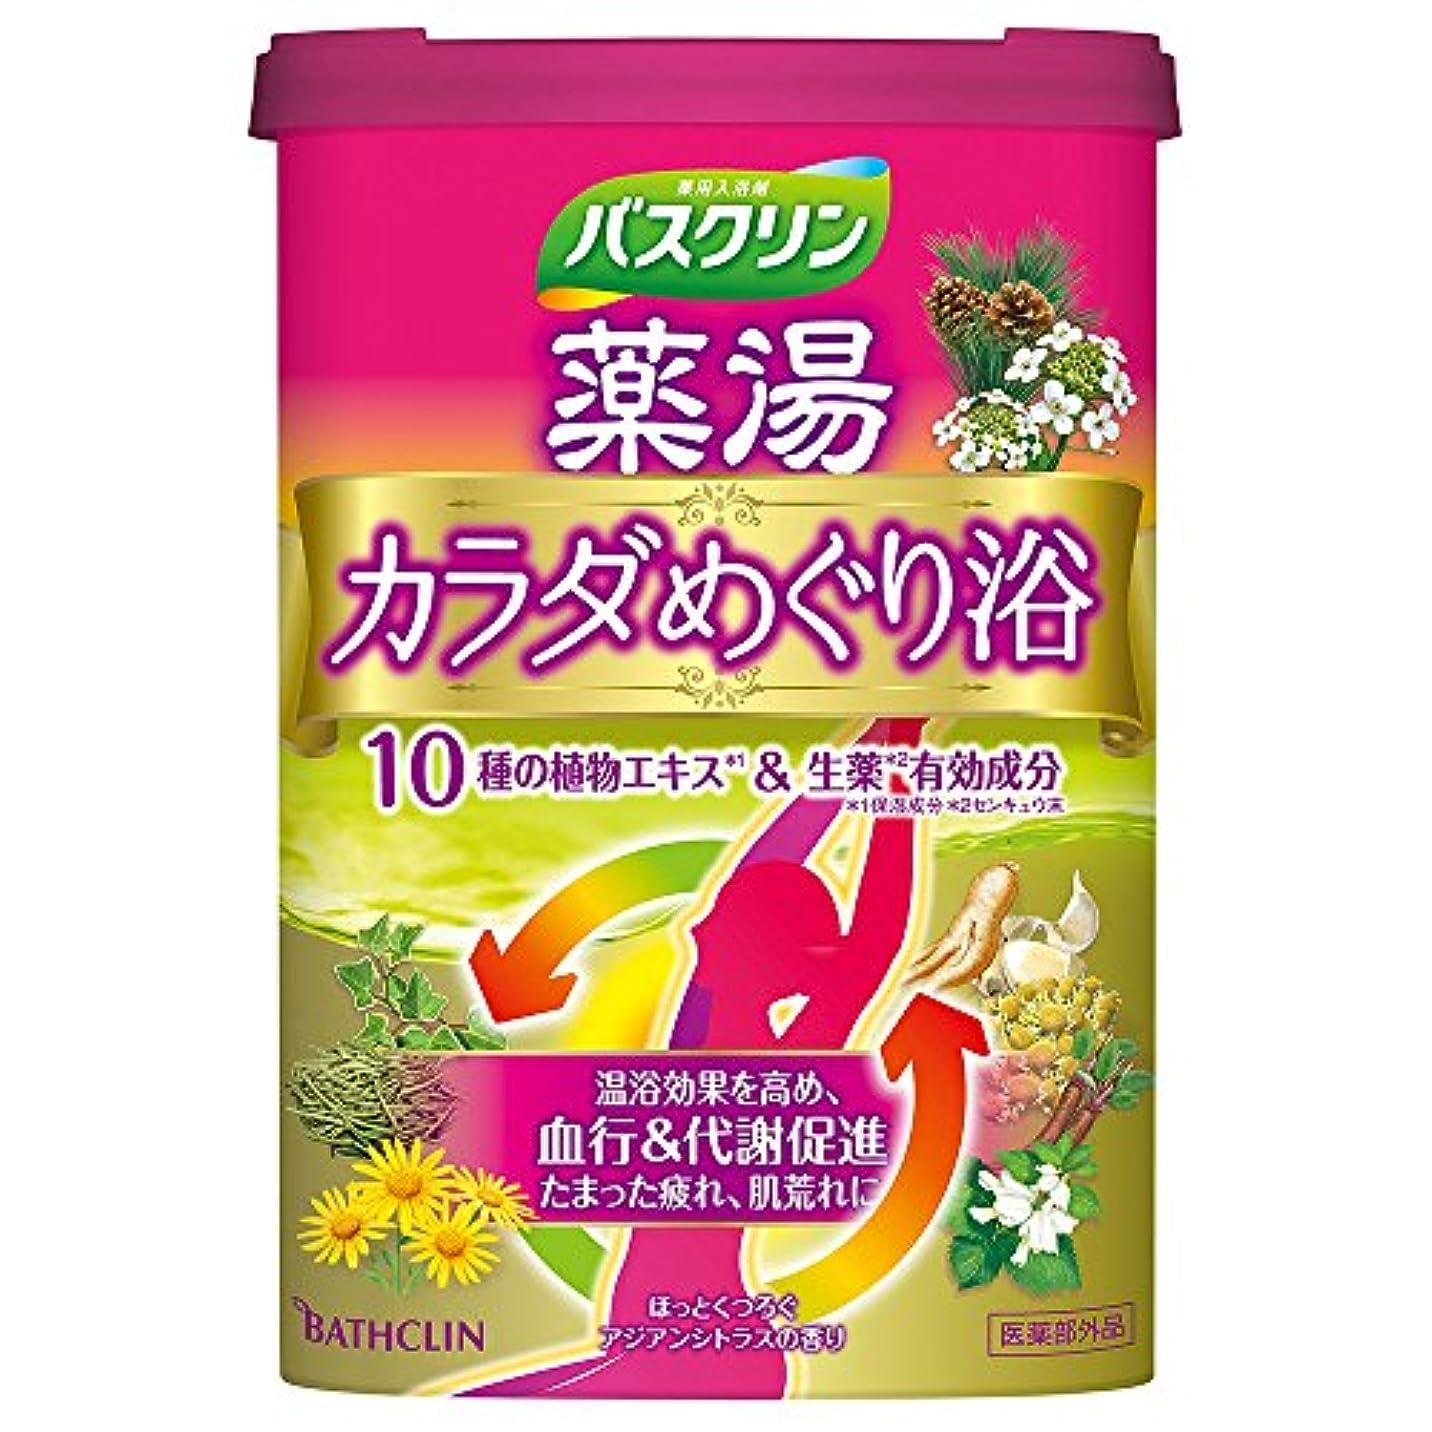 何よりも多用途姓バスクリン薬湯 カラダめぐり浴 ほっとくつろぐアジアンシトラスの香り 600g 入浴剤 (医薬部外品)